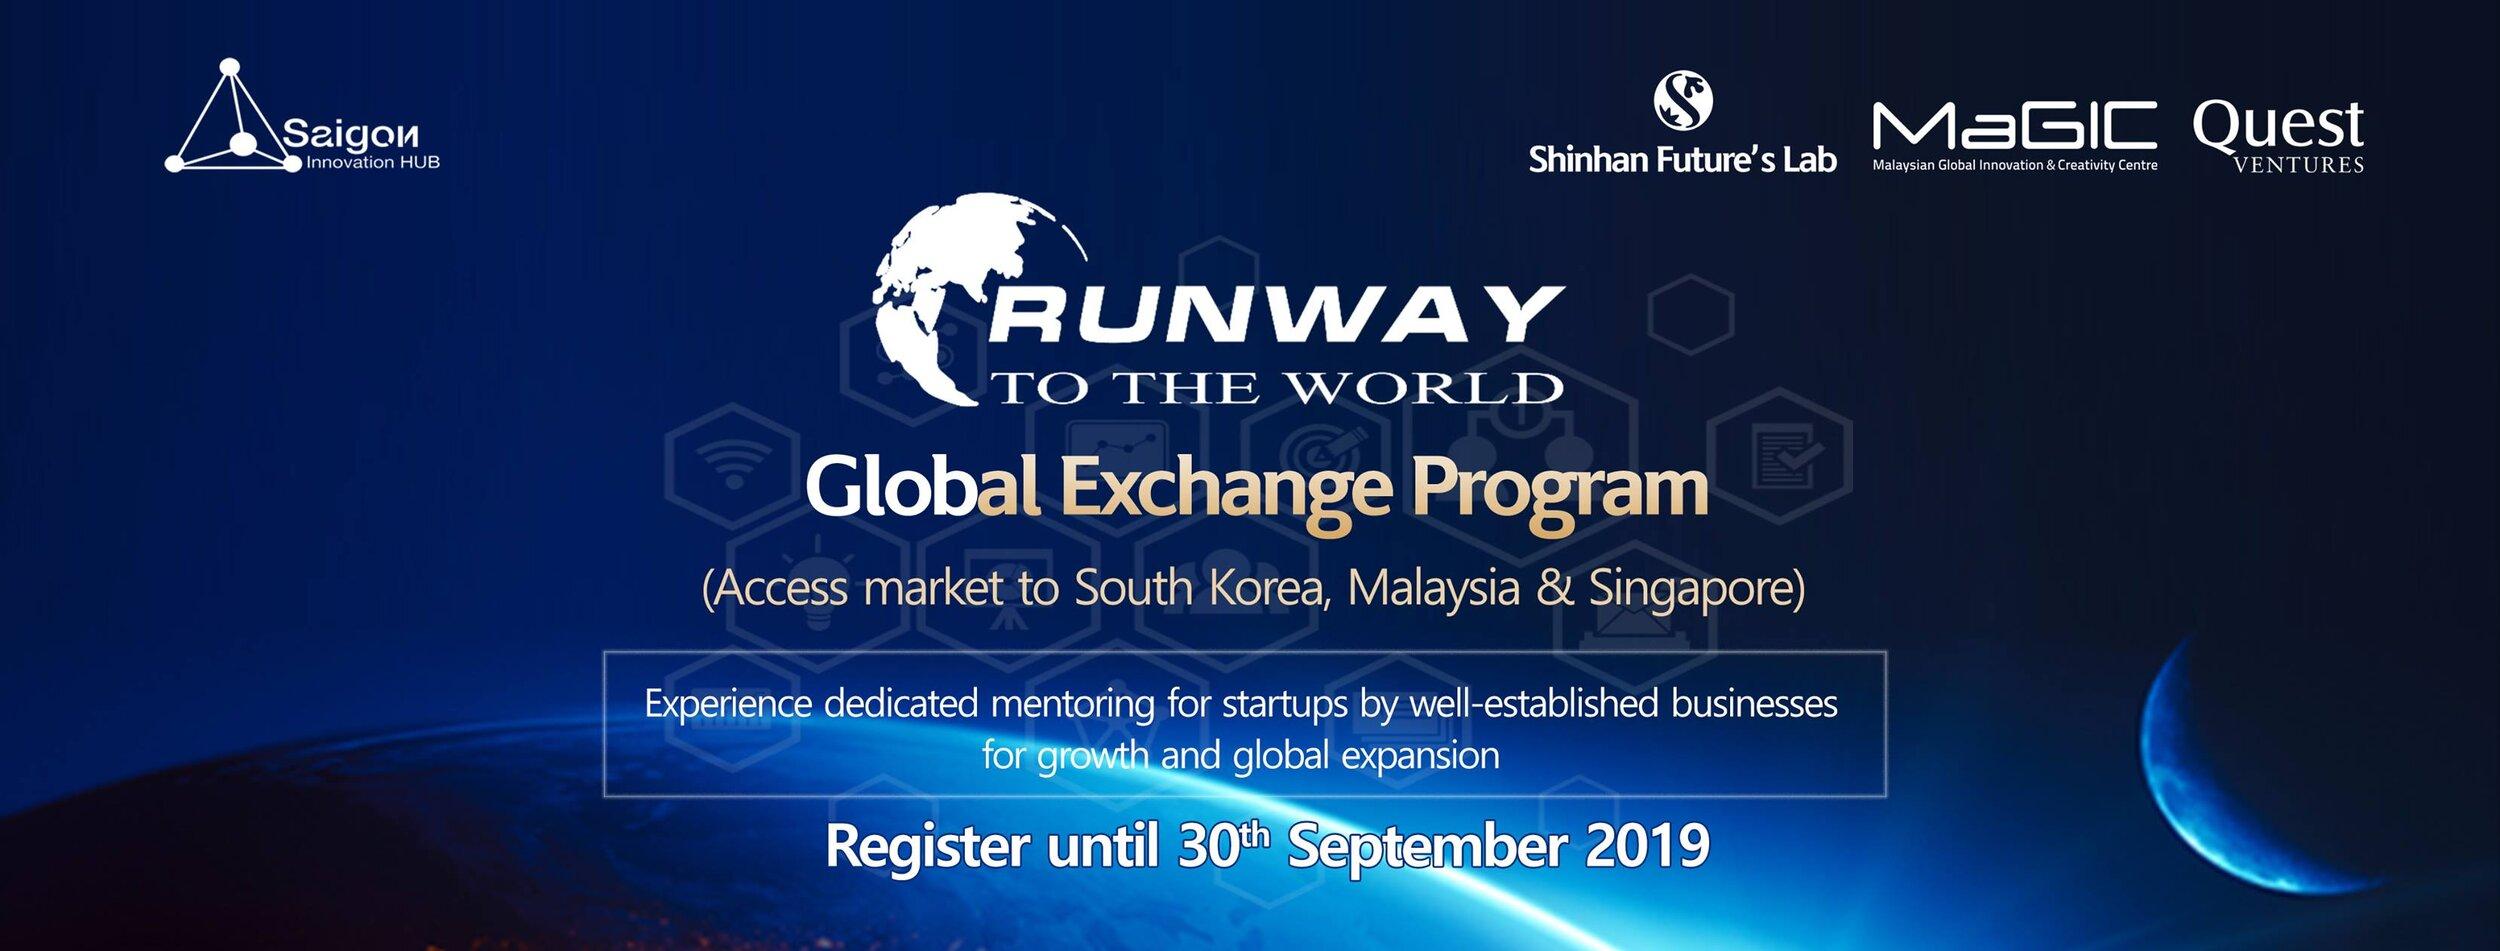 SIHUB và các đối tác đang tuyển chọn các startup tham gia Runway To The World mùa 1 năm 2018.